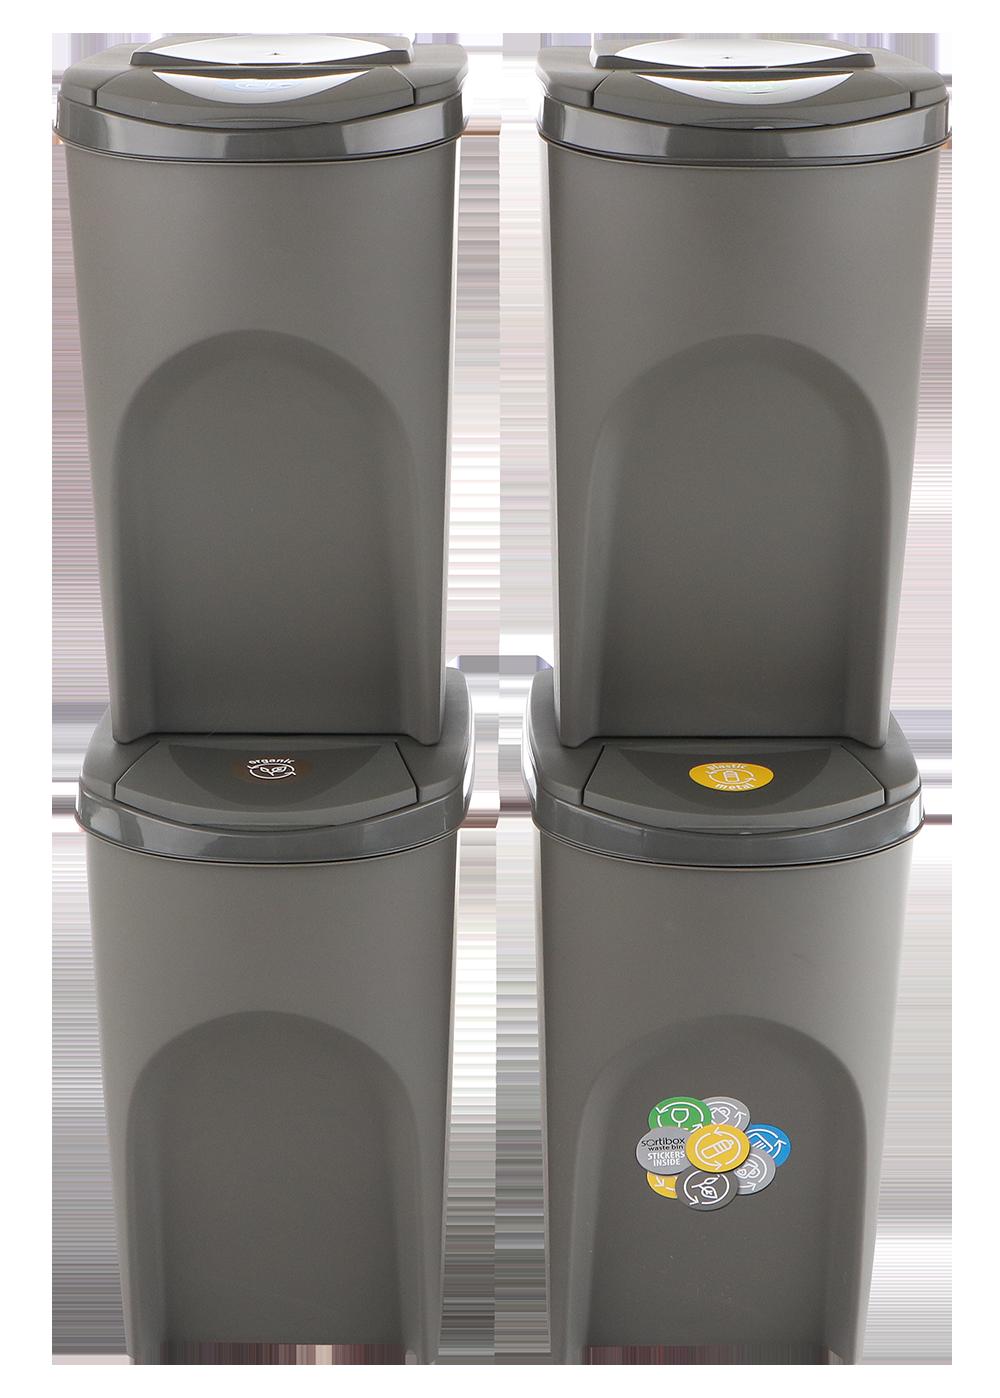 Sada 4 odpadkových košů SORTIBOX Šedý kámen 392x293x680 s šedým víkem a nálepkami PROSPERPLAST